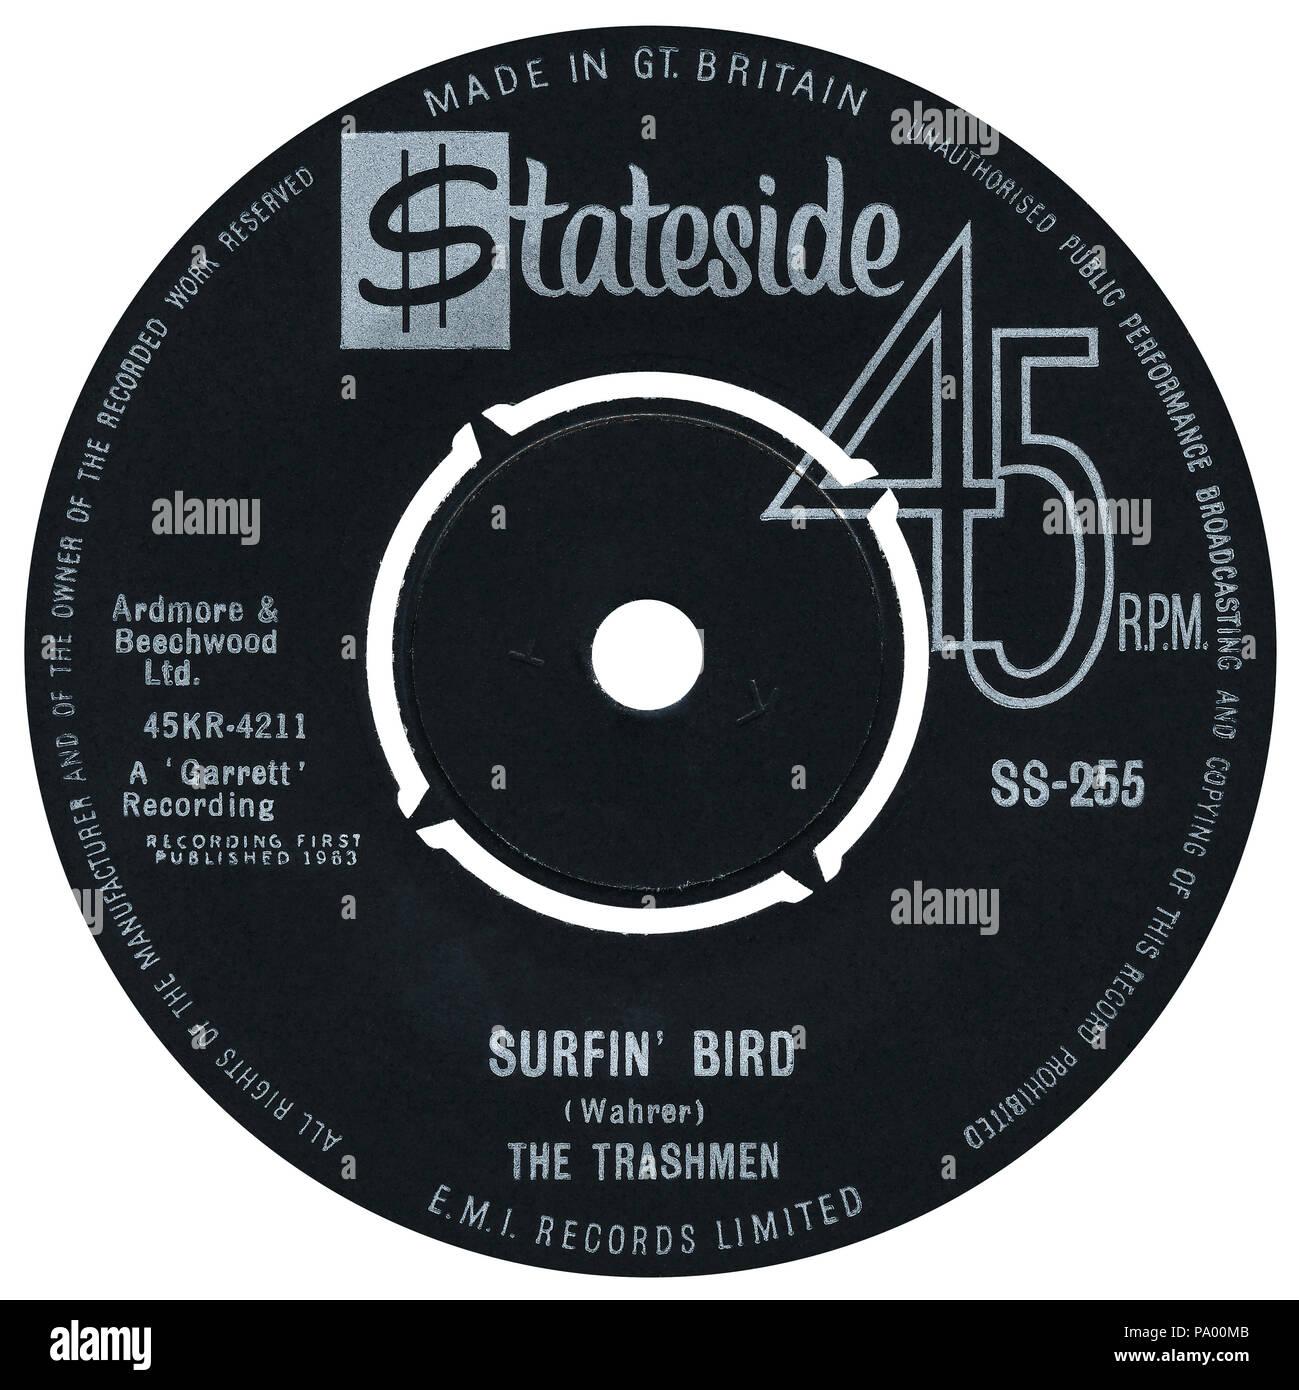 """UK 45 U/min 7"""" Single von Surfin' Bird von der Trashmen auf der Stateside Label aus dem Jahre 1964. Songwriting zu Steve Wahrer auf dem Etikett gutgeschrieben, aber später gutgeschrieben Al Frazier, Sonny Harris, Carl Weiß und Turner Wilson Der Rivingtons. Stockfoto"""